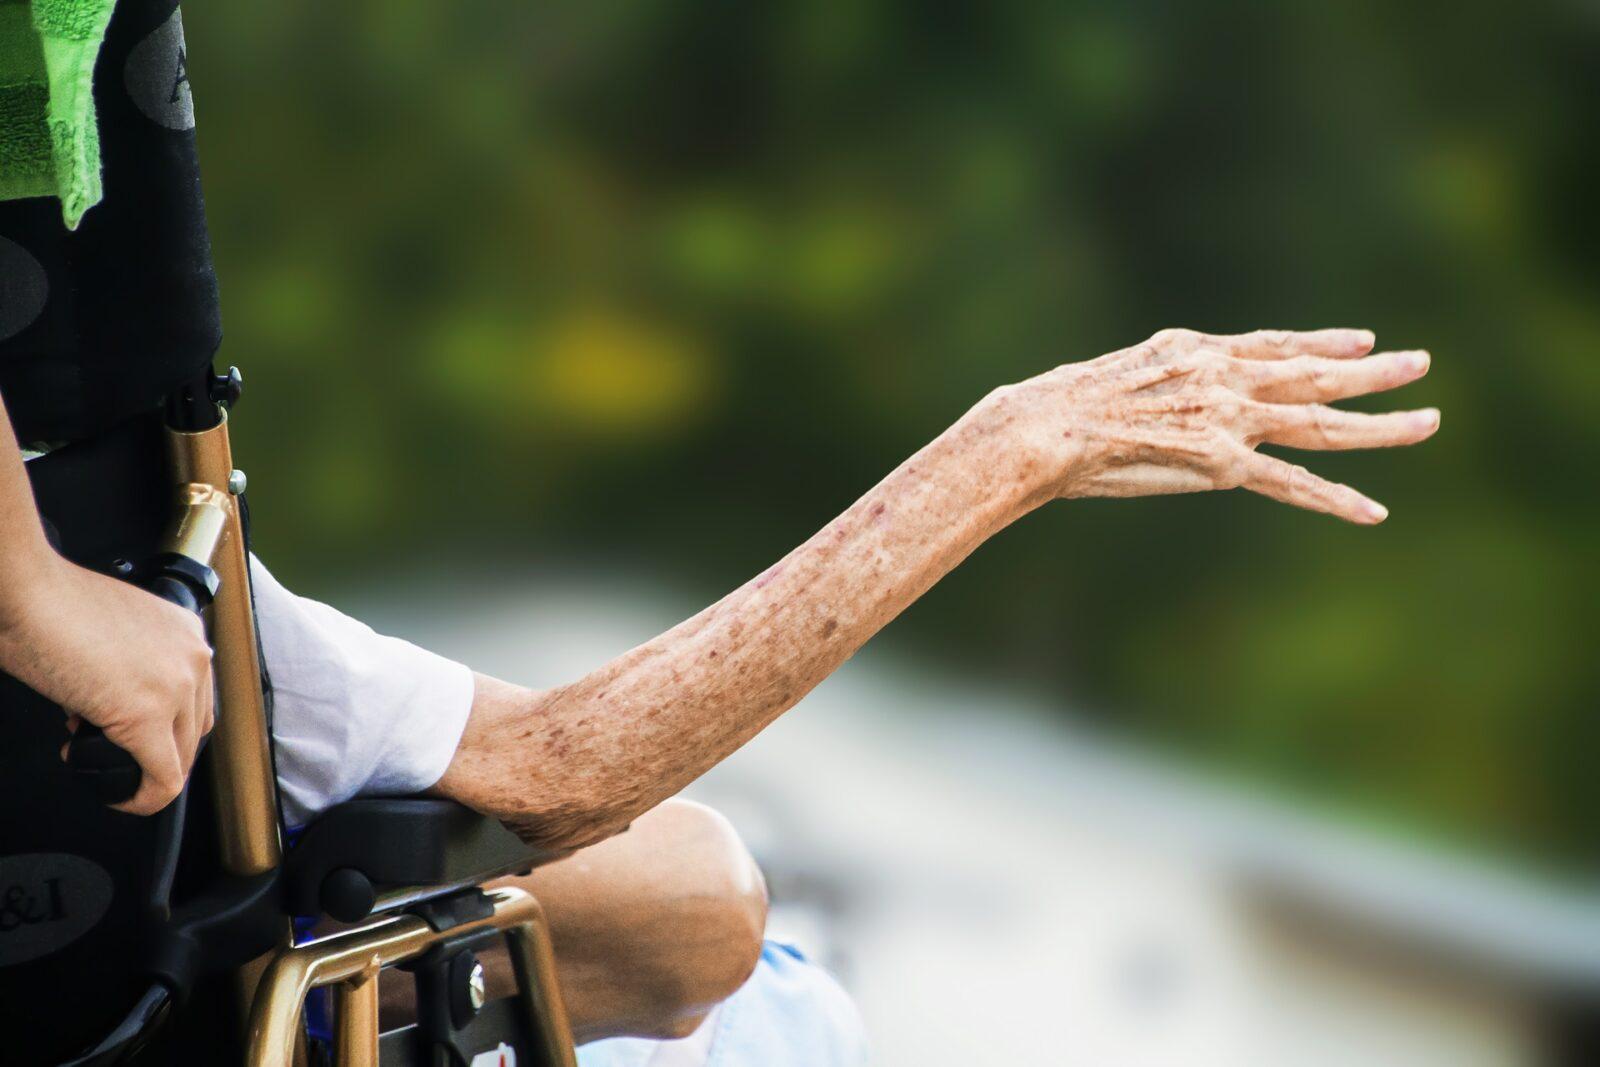 НДПУ предлагает засчитывать в стаж работы уход за престарелыми и инвалидами